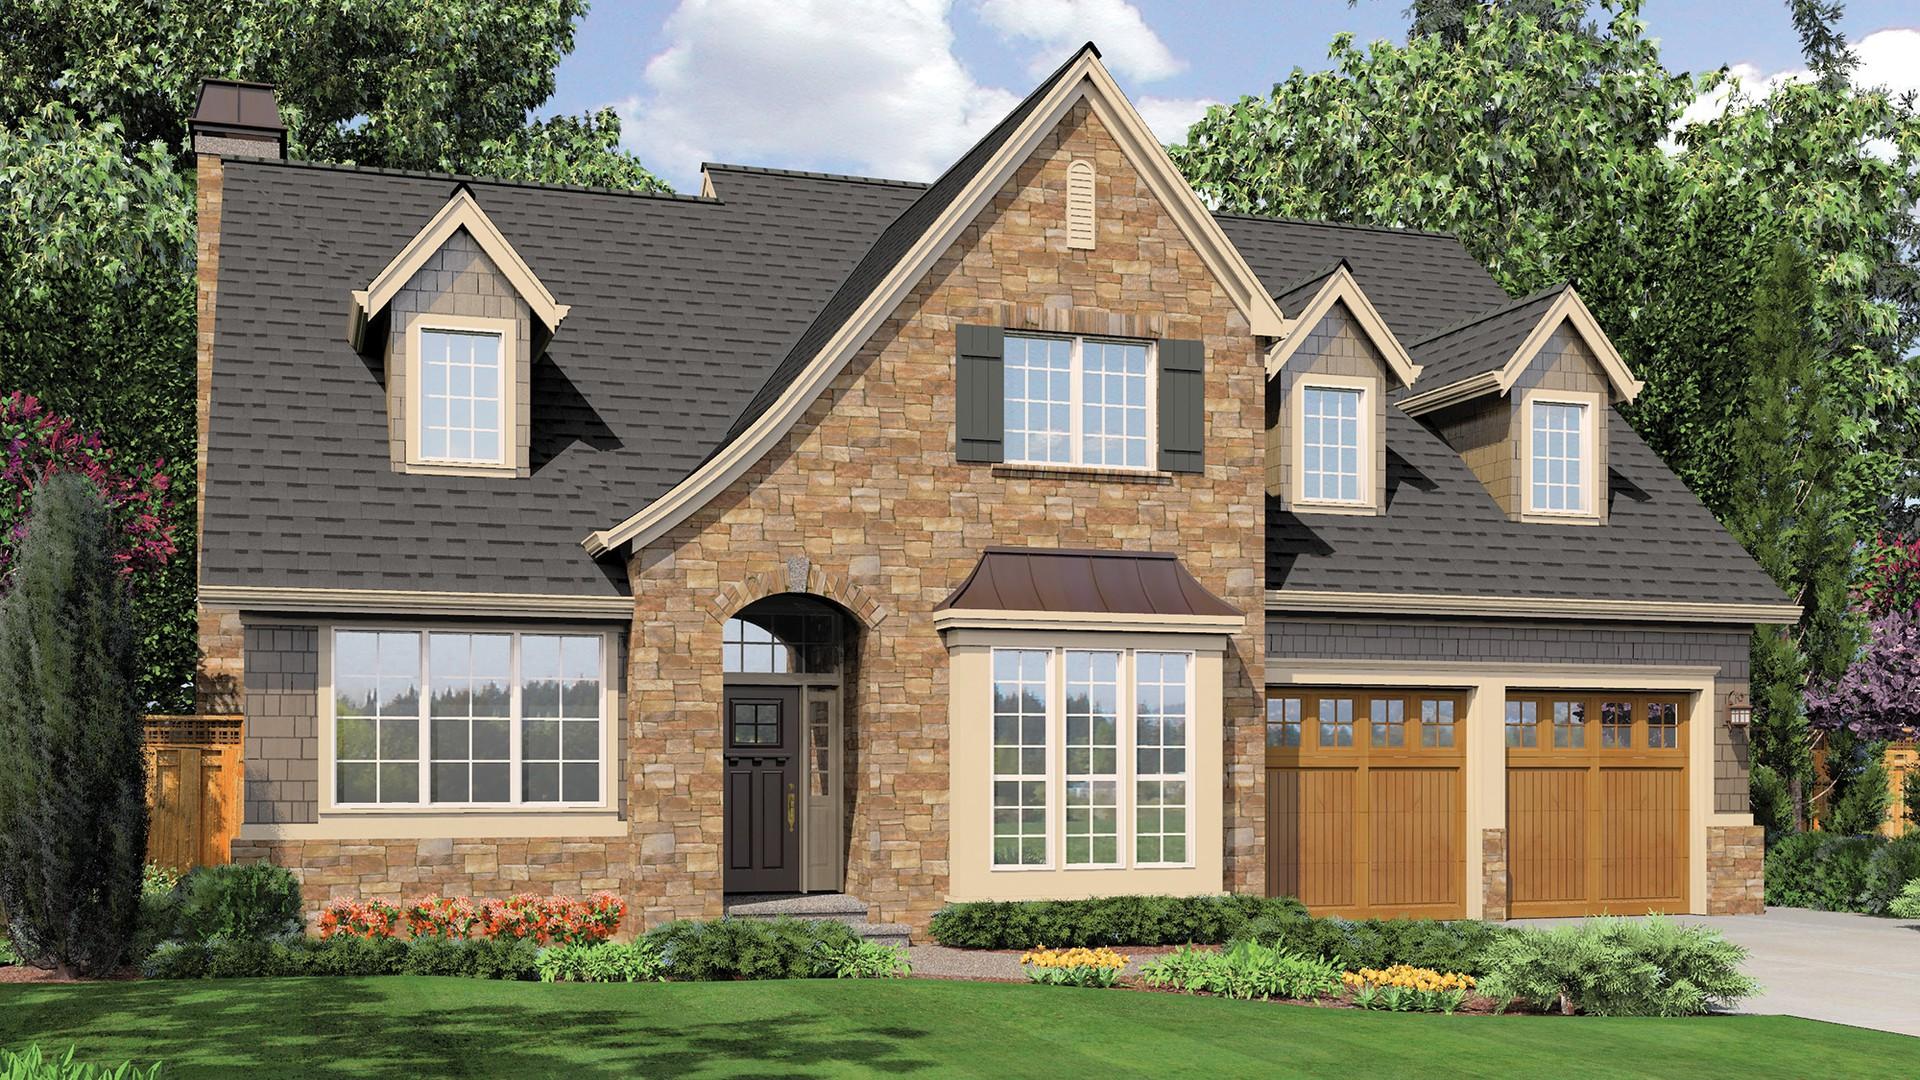 Mascord house plan 22122t the sophia - Casas estilo americano ...